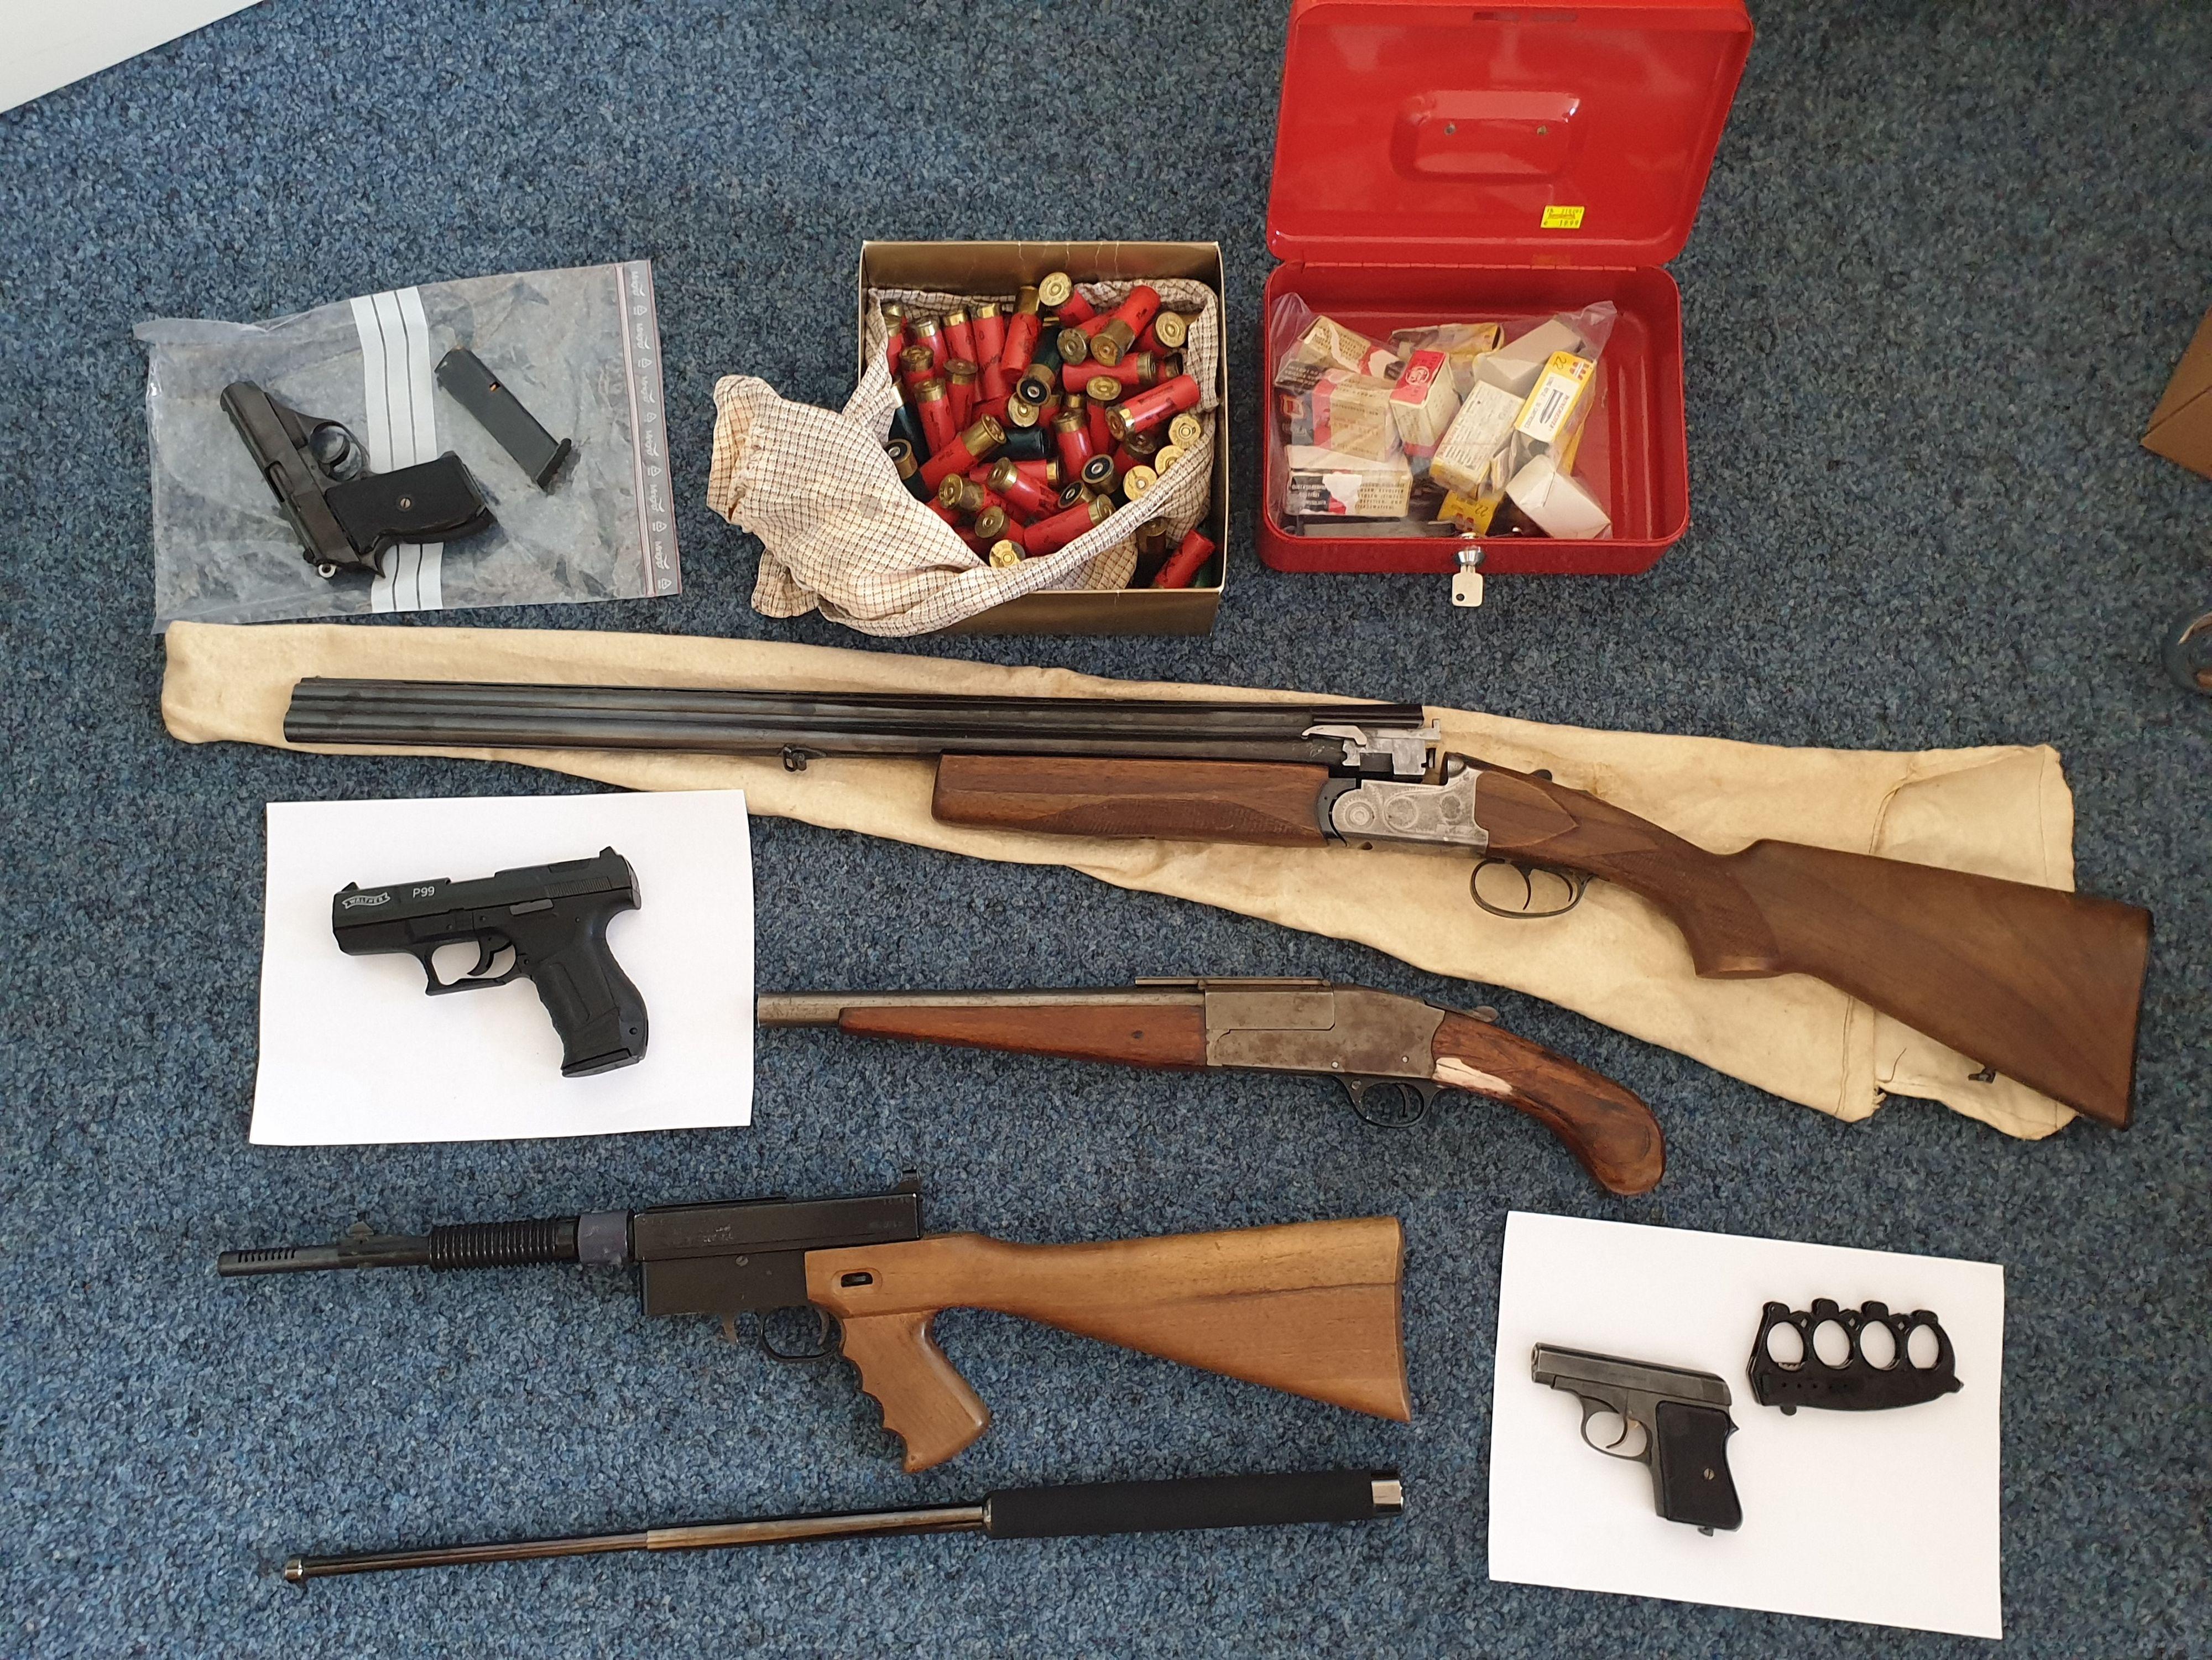 Waffenfund: Bei den Festnahmen hat die Polizei in den Wohnungen der Verdächtigen mutmaßliches Beweismaterial sichergestellt - darunter 3 scharfe Schusswaffen. Foto: Polizei